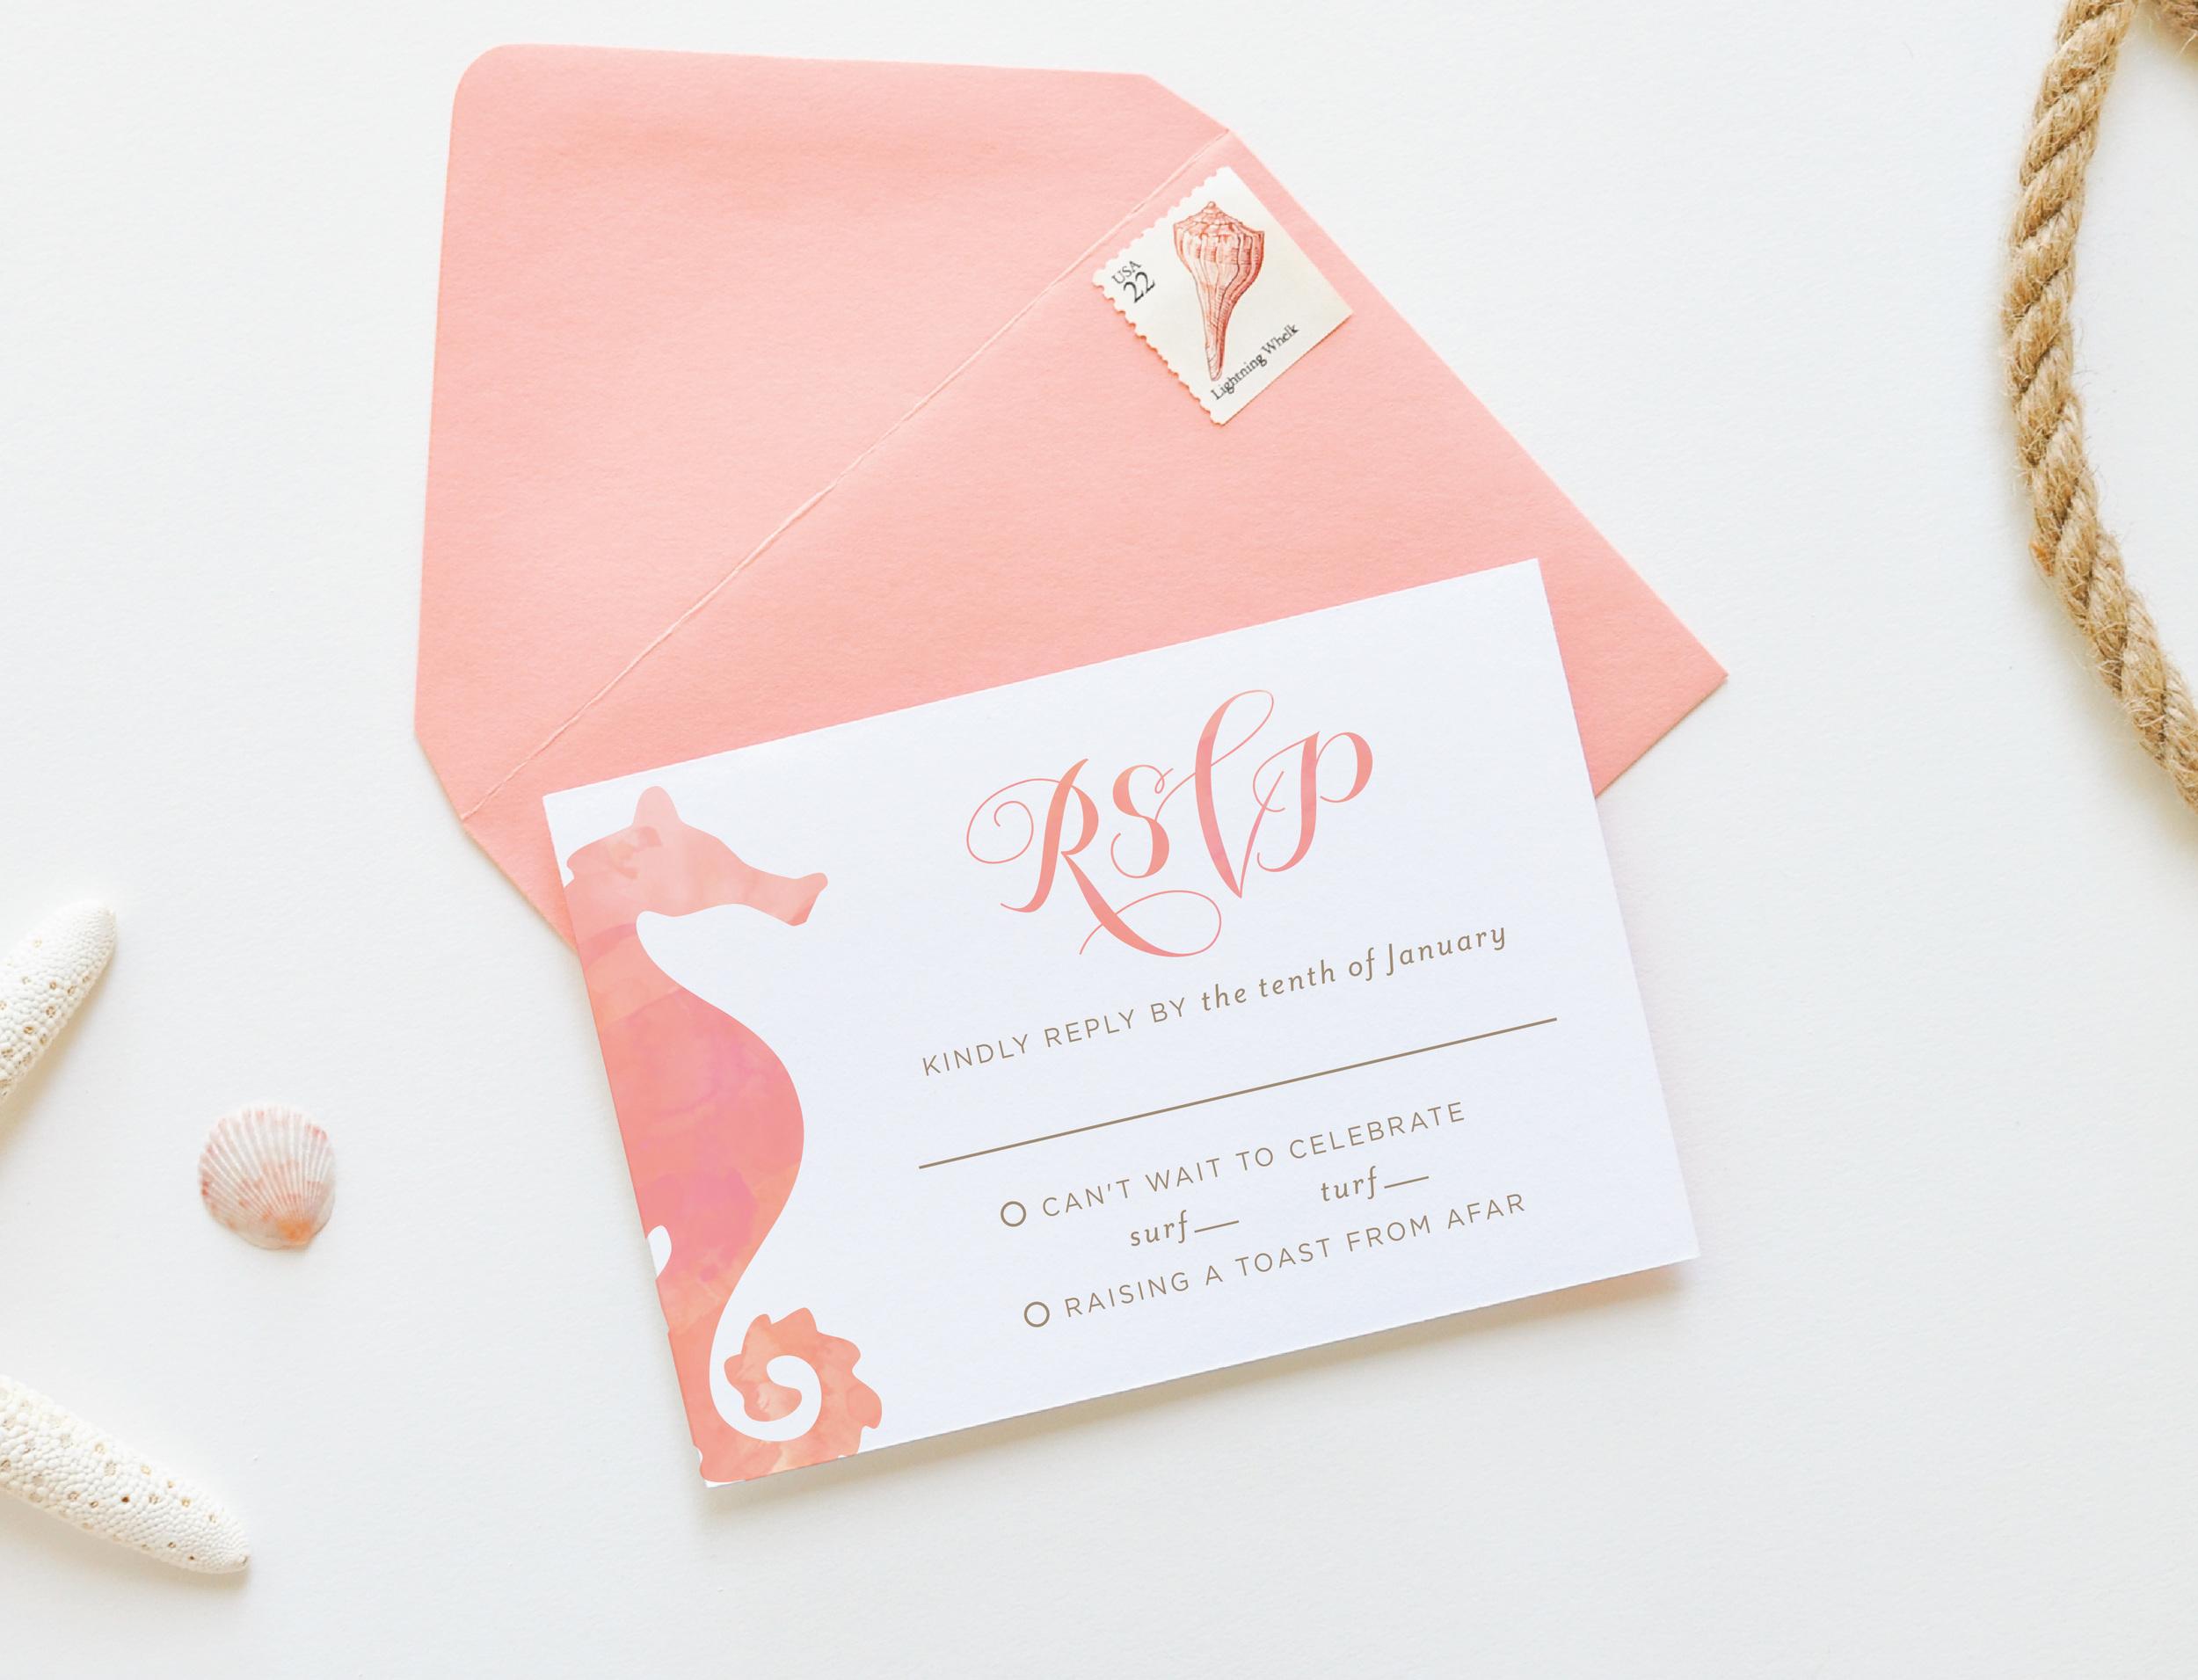 Sanibel Watercolor Seahorse Wedding Invitation1-01.jpg